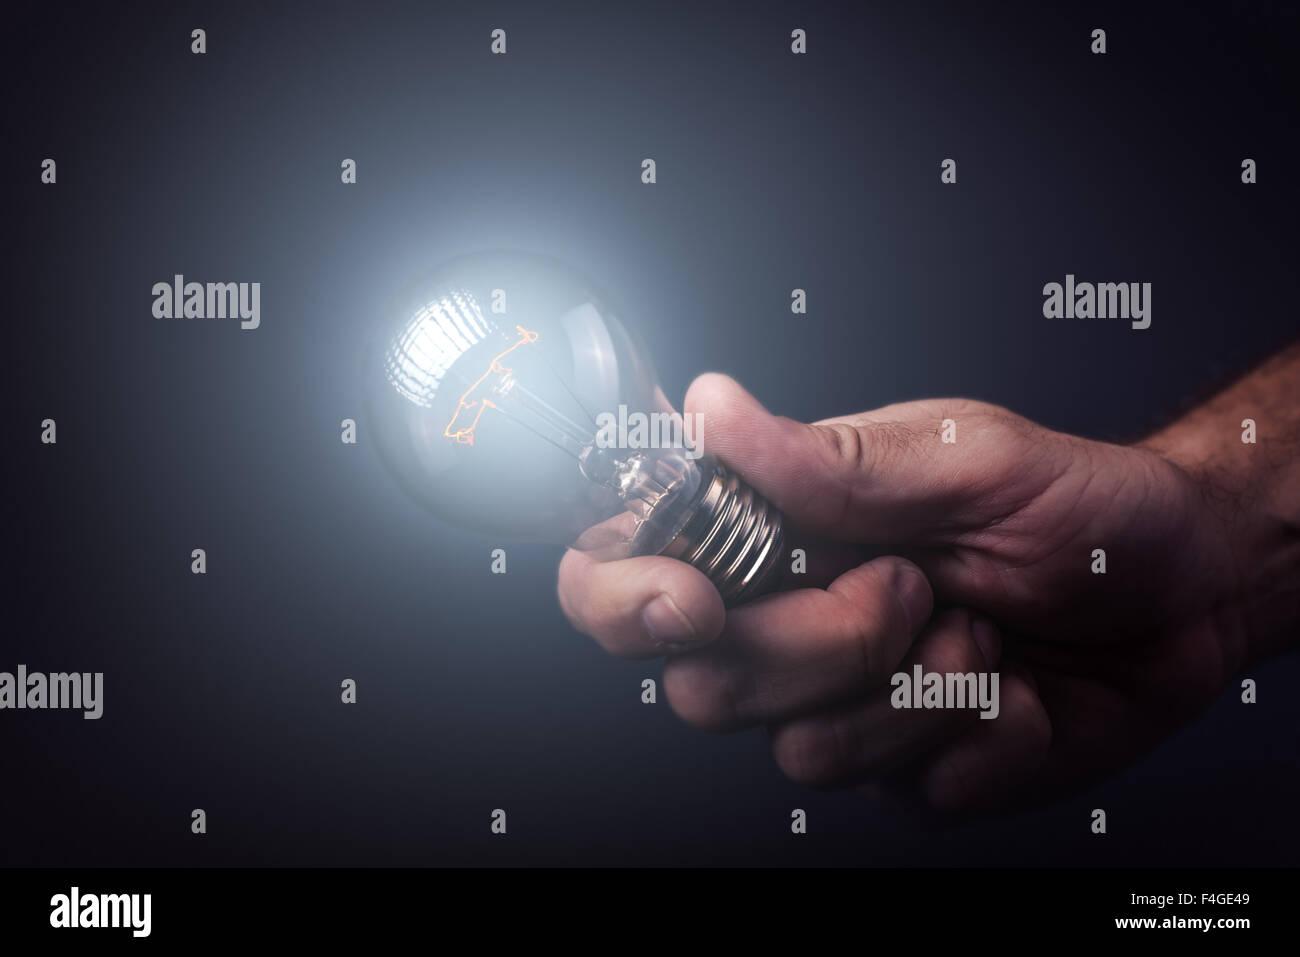 Kreative Aufklärung, Verständnis und die Generierung von neuen Ideen, Innovator und Erfinder mit Hand Stockbild